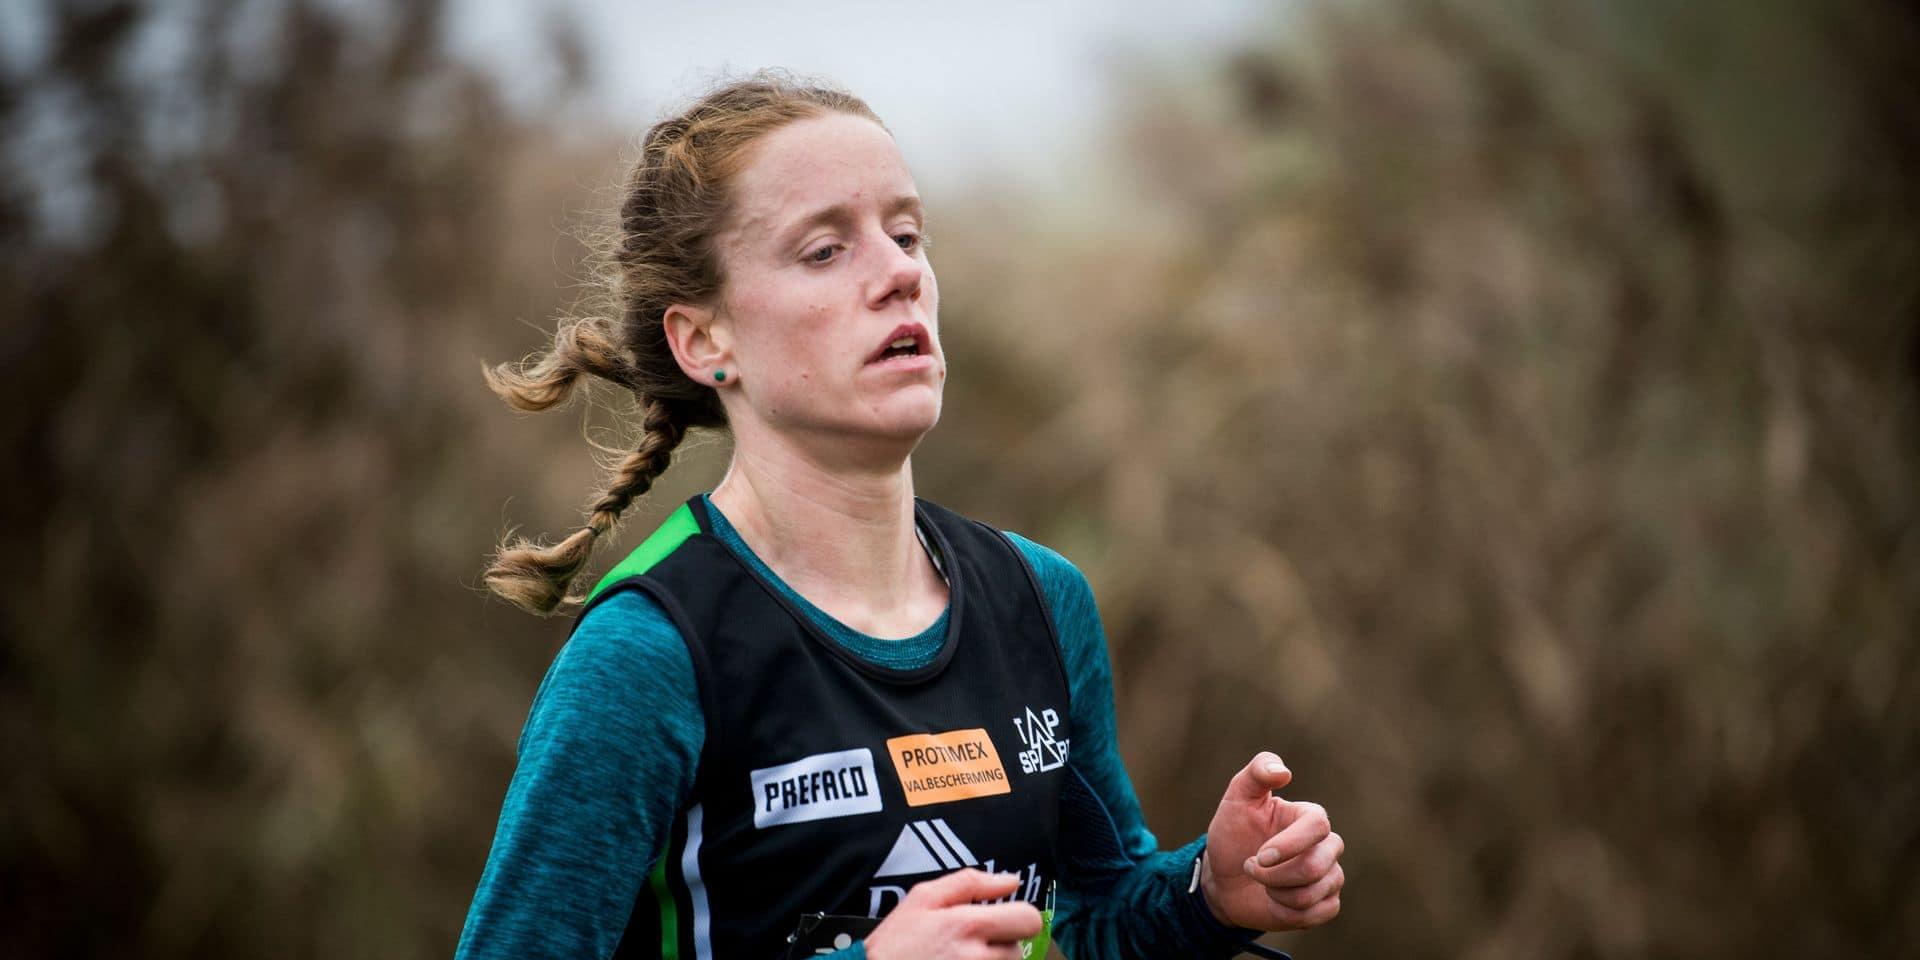 Marathon de Valence: Hanne Verbruggen améliore nettement son record personnel mais reste encore loin des JO